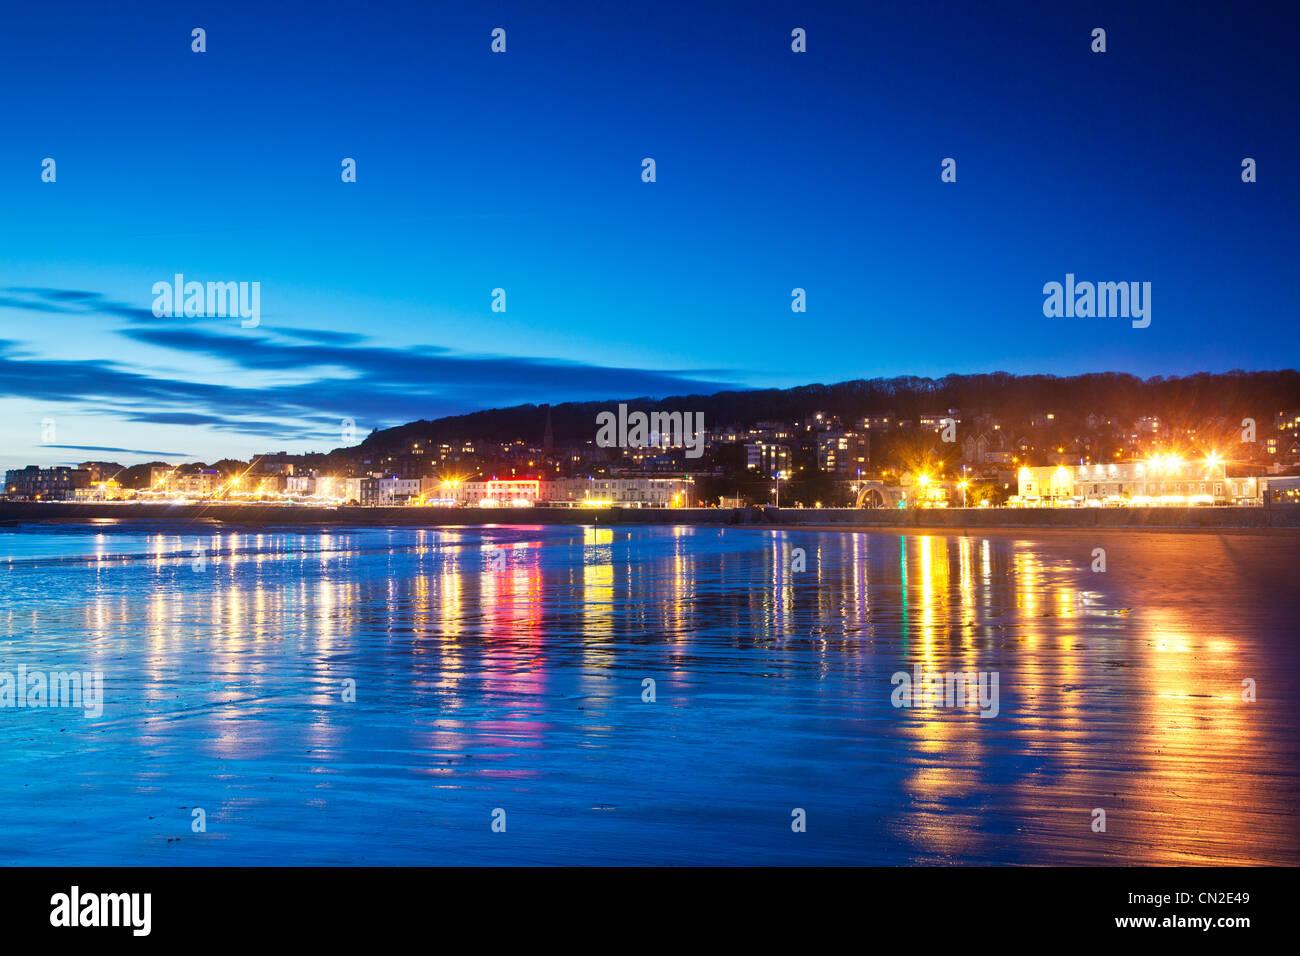 Dämmerung über Weston-Super-Mare, Somerset, England, UK mit den Lichtern der Stadt spiegelt sich in dem Stockbild